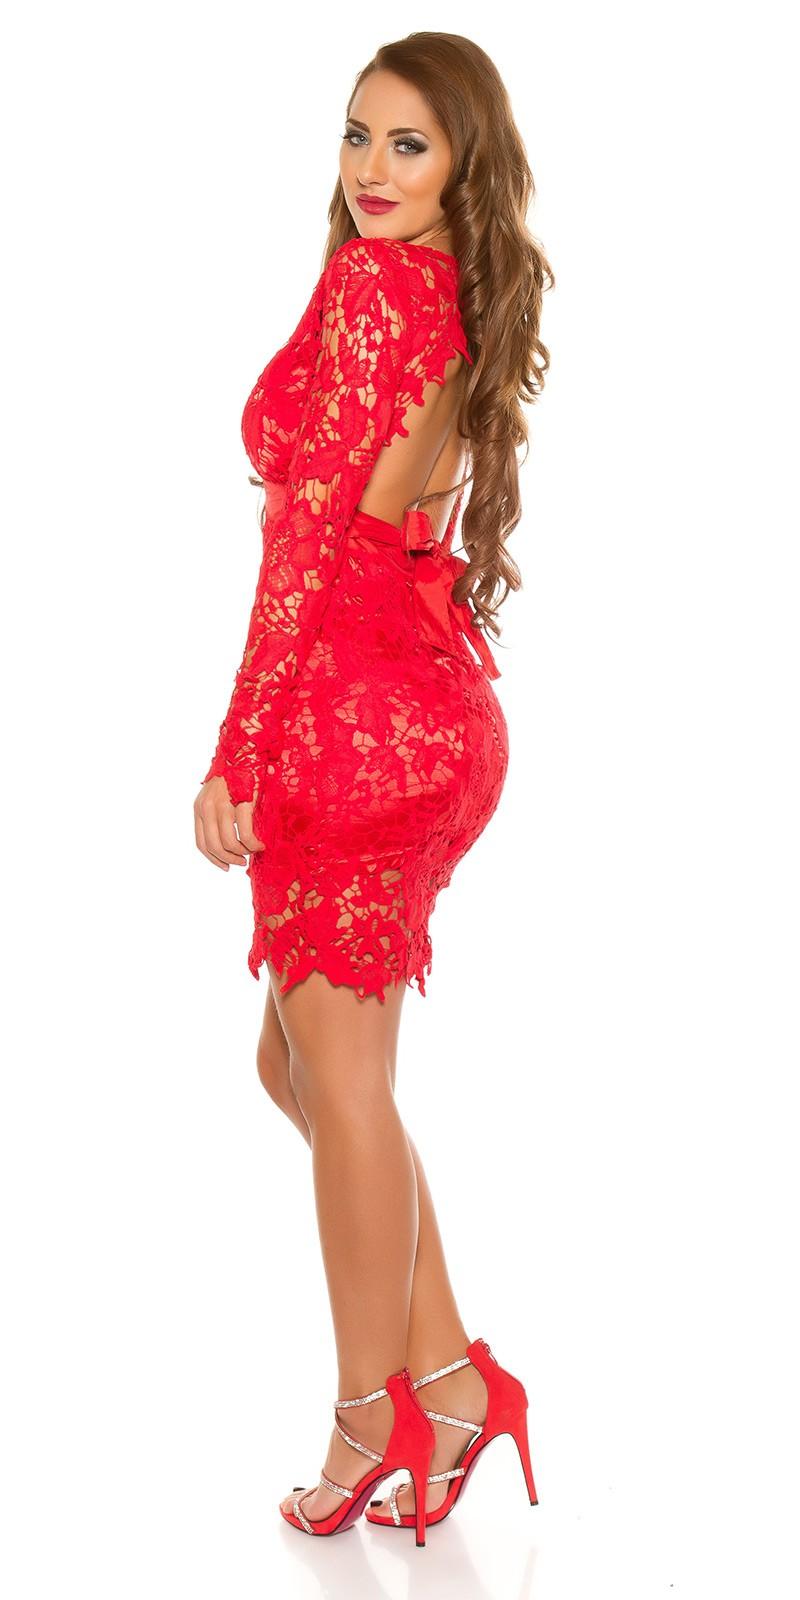 94d89ae696 NŐI RUHA | Csipkés női party ruha - Piros (XS-L) | Mysticfashion női ...